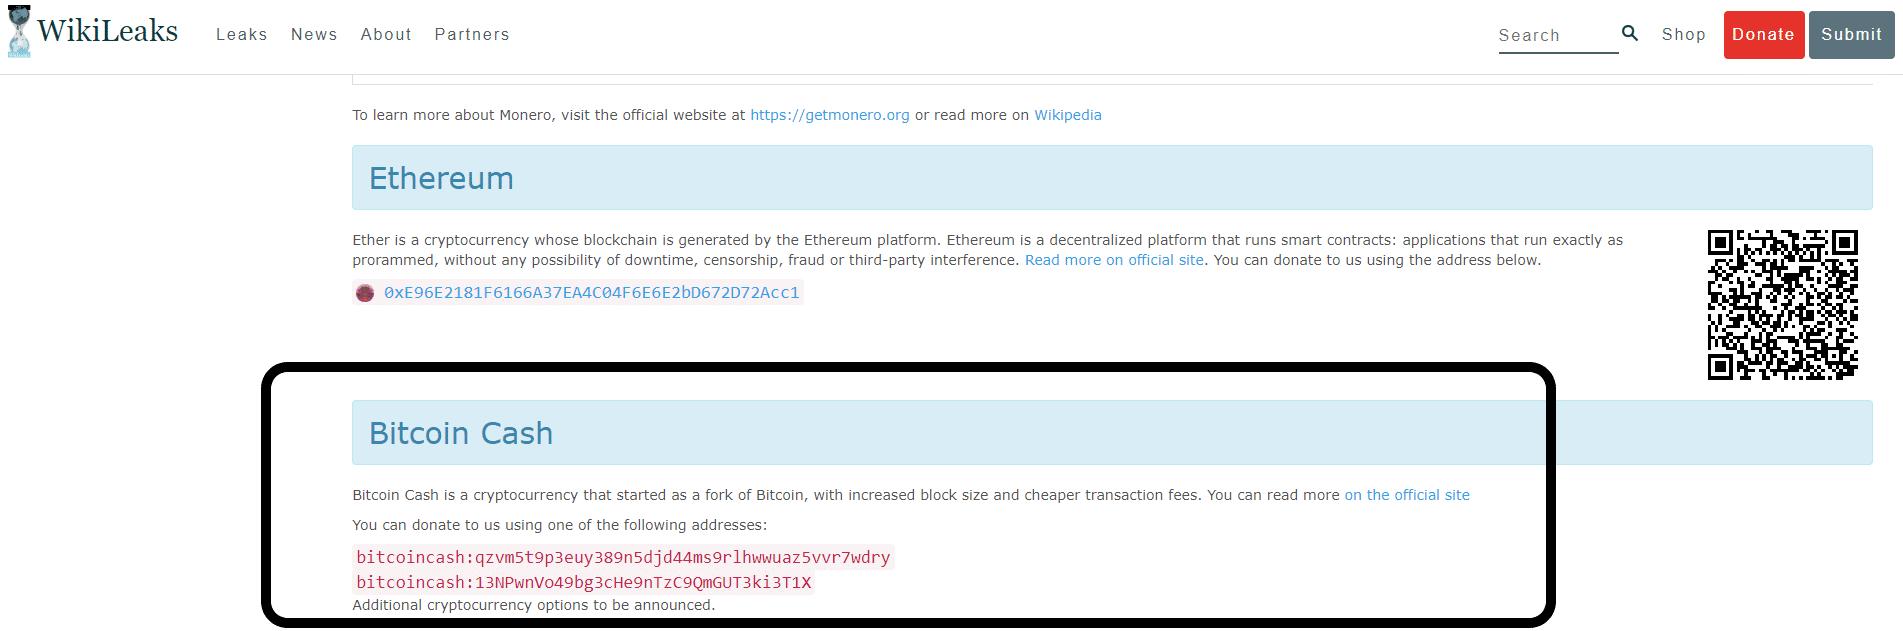 wikileaks bitcoin cash